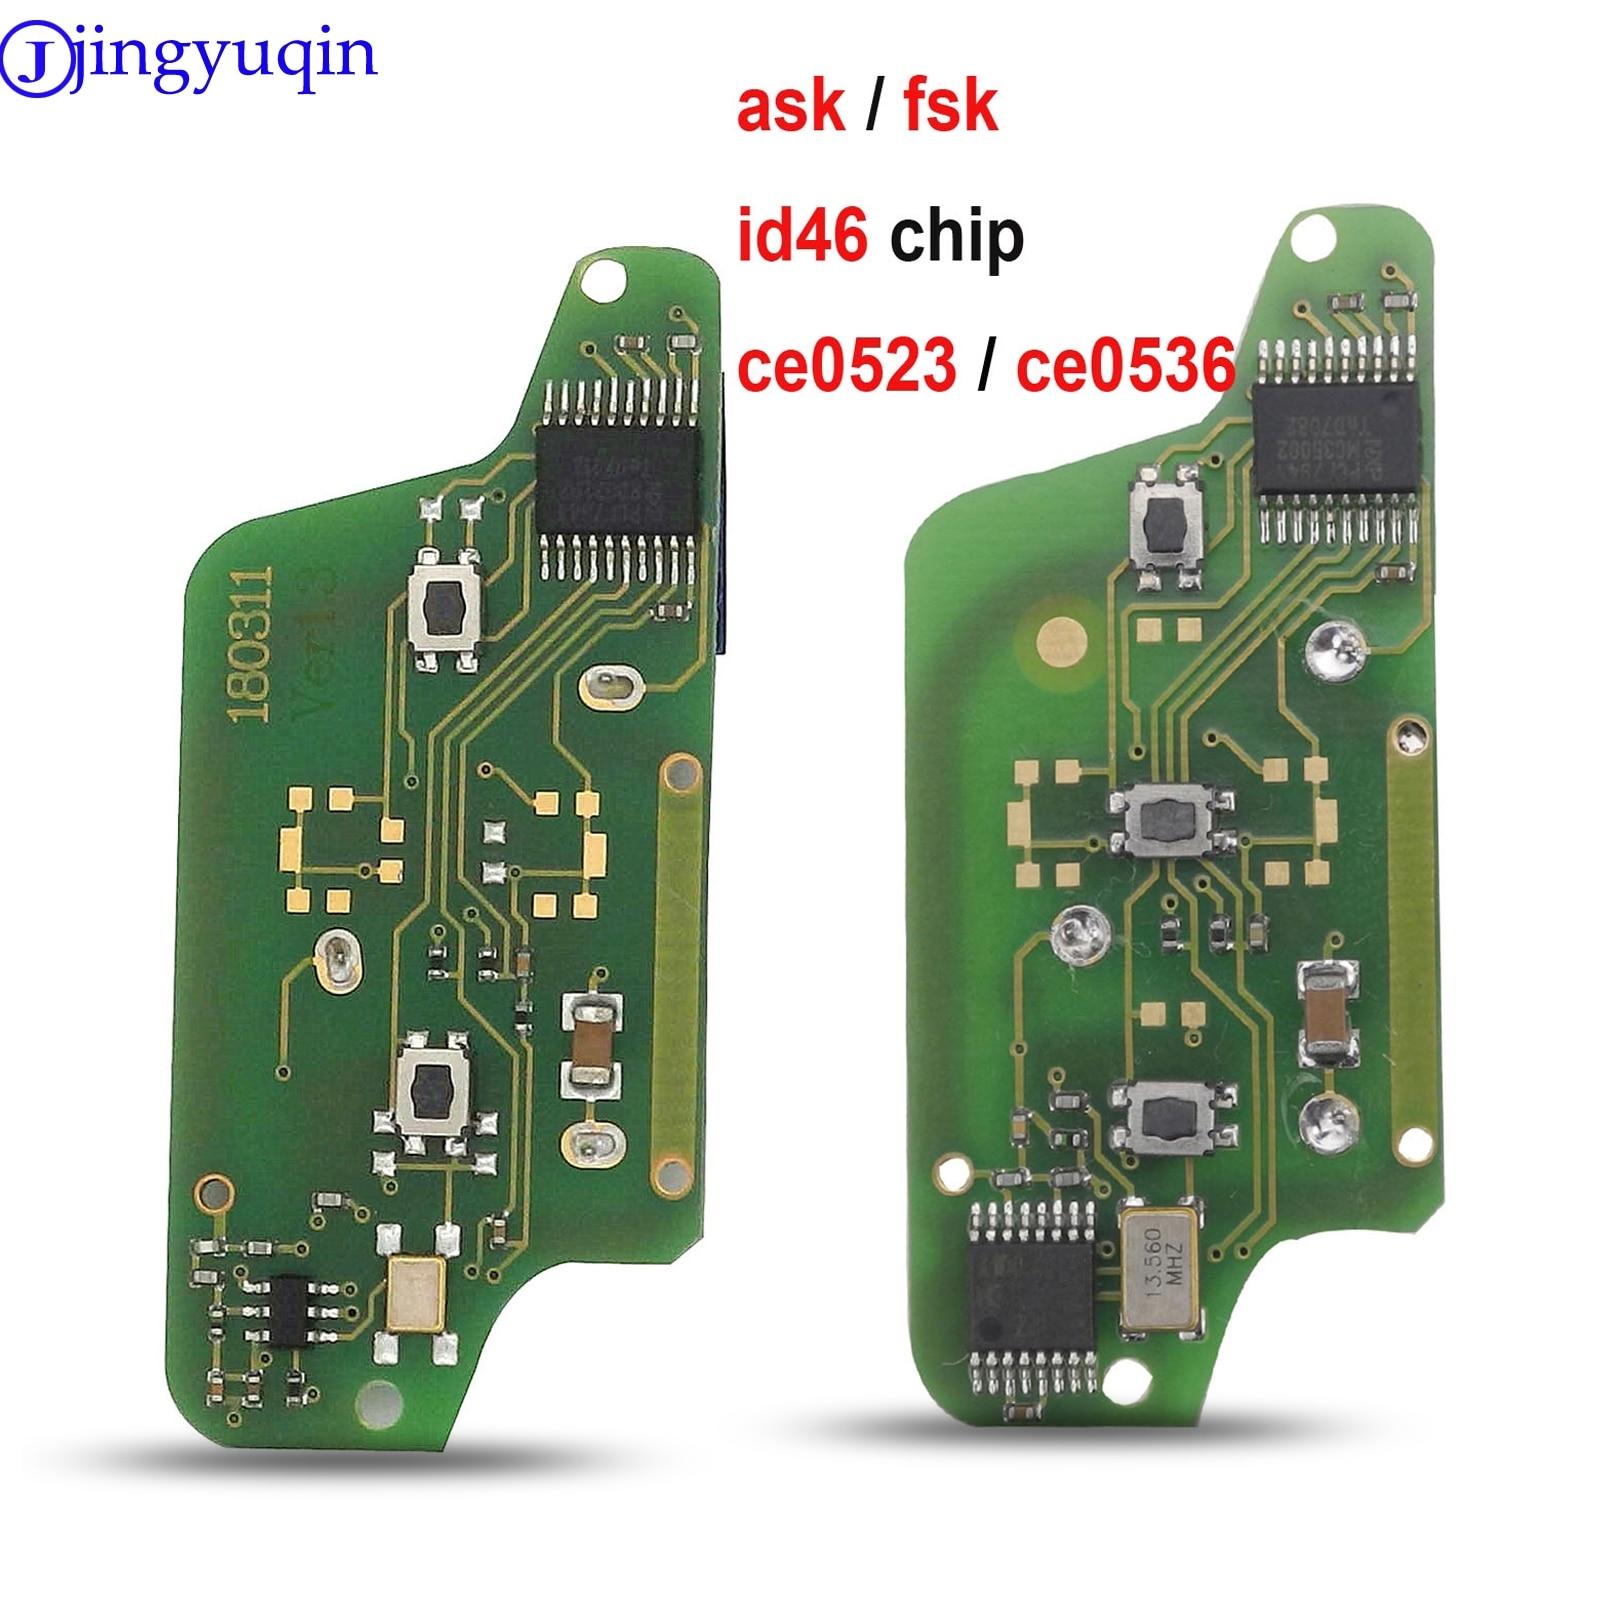 Пульт дистанционного управления jingyuqin ASK/FSK для Peugeot 207 307 308 407 607 807, для Citroen C2 C3 C4 C5 C6 CE523 CE536 7941 7946 Id46